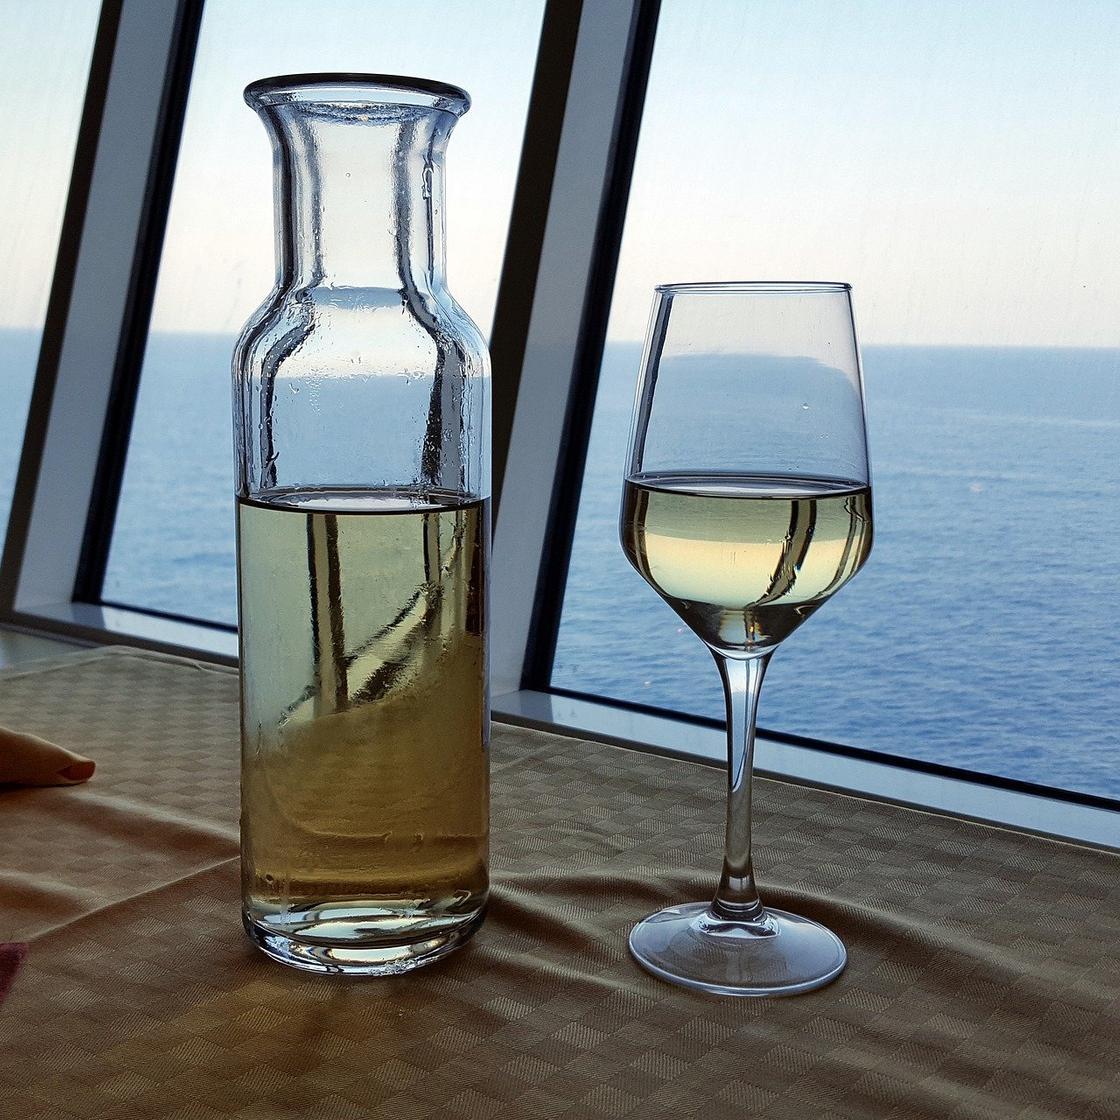 Бокал с белым вином и графин